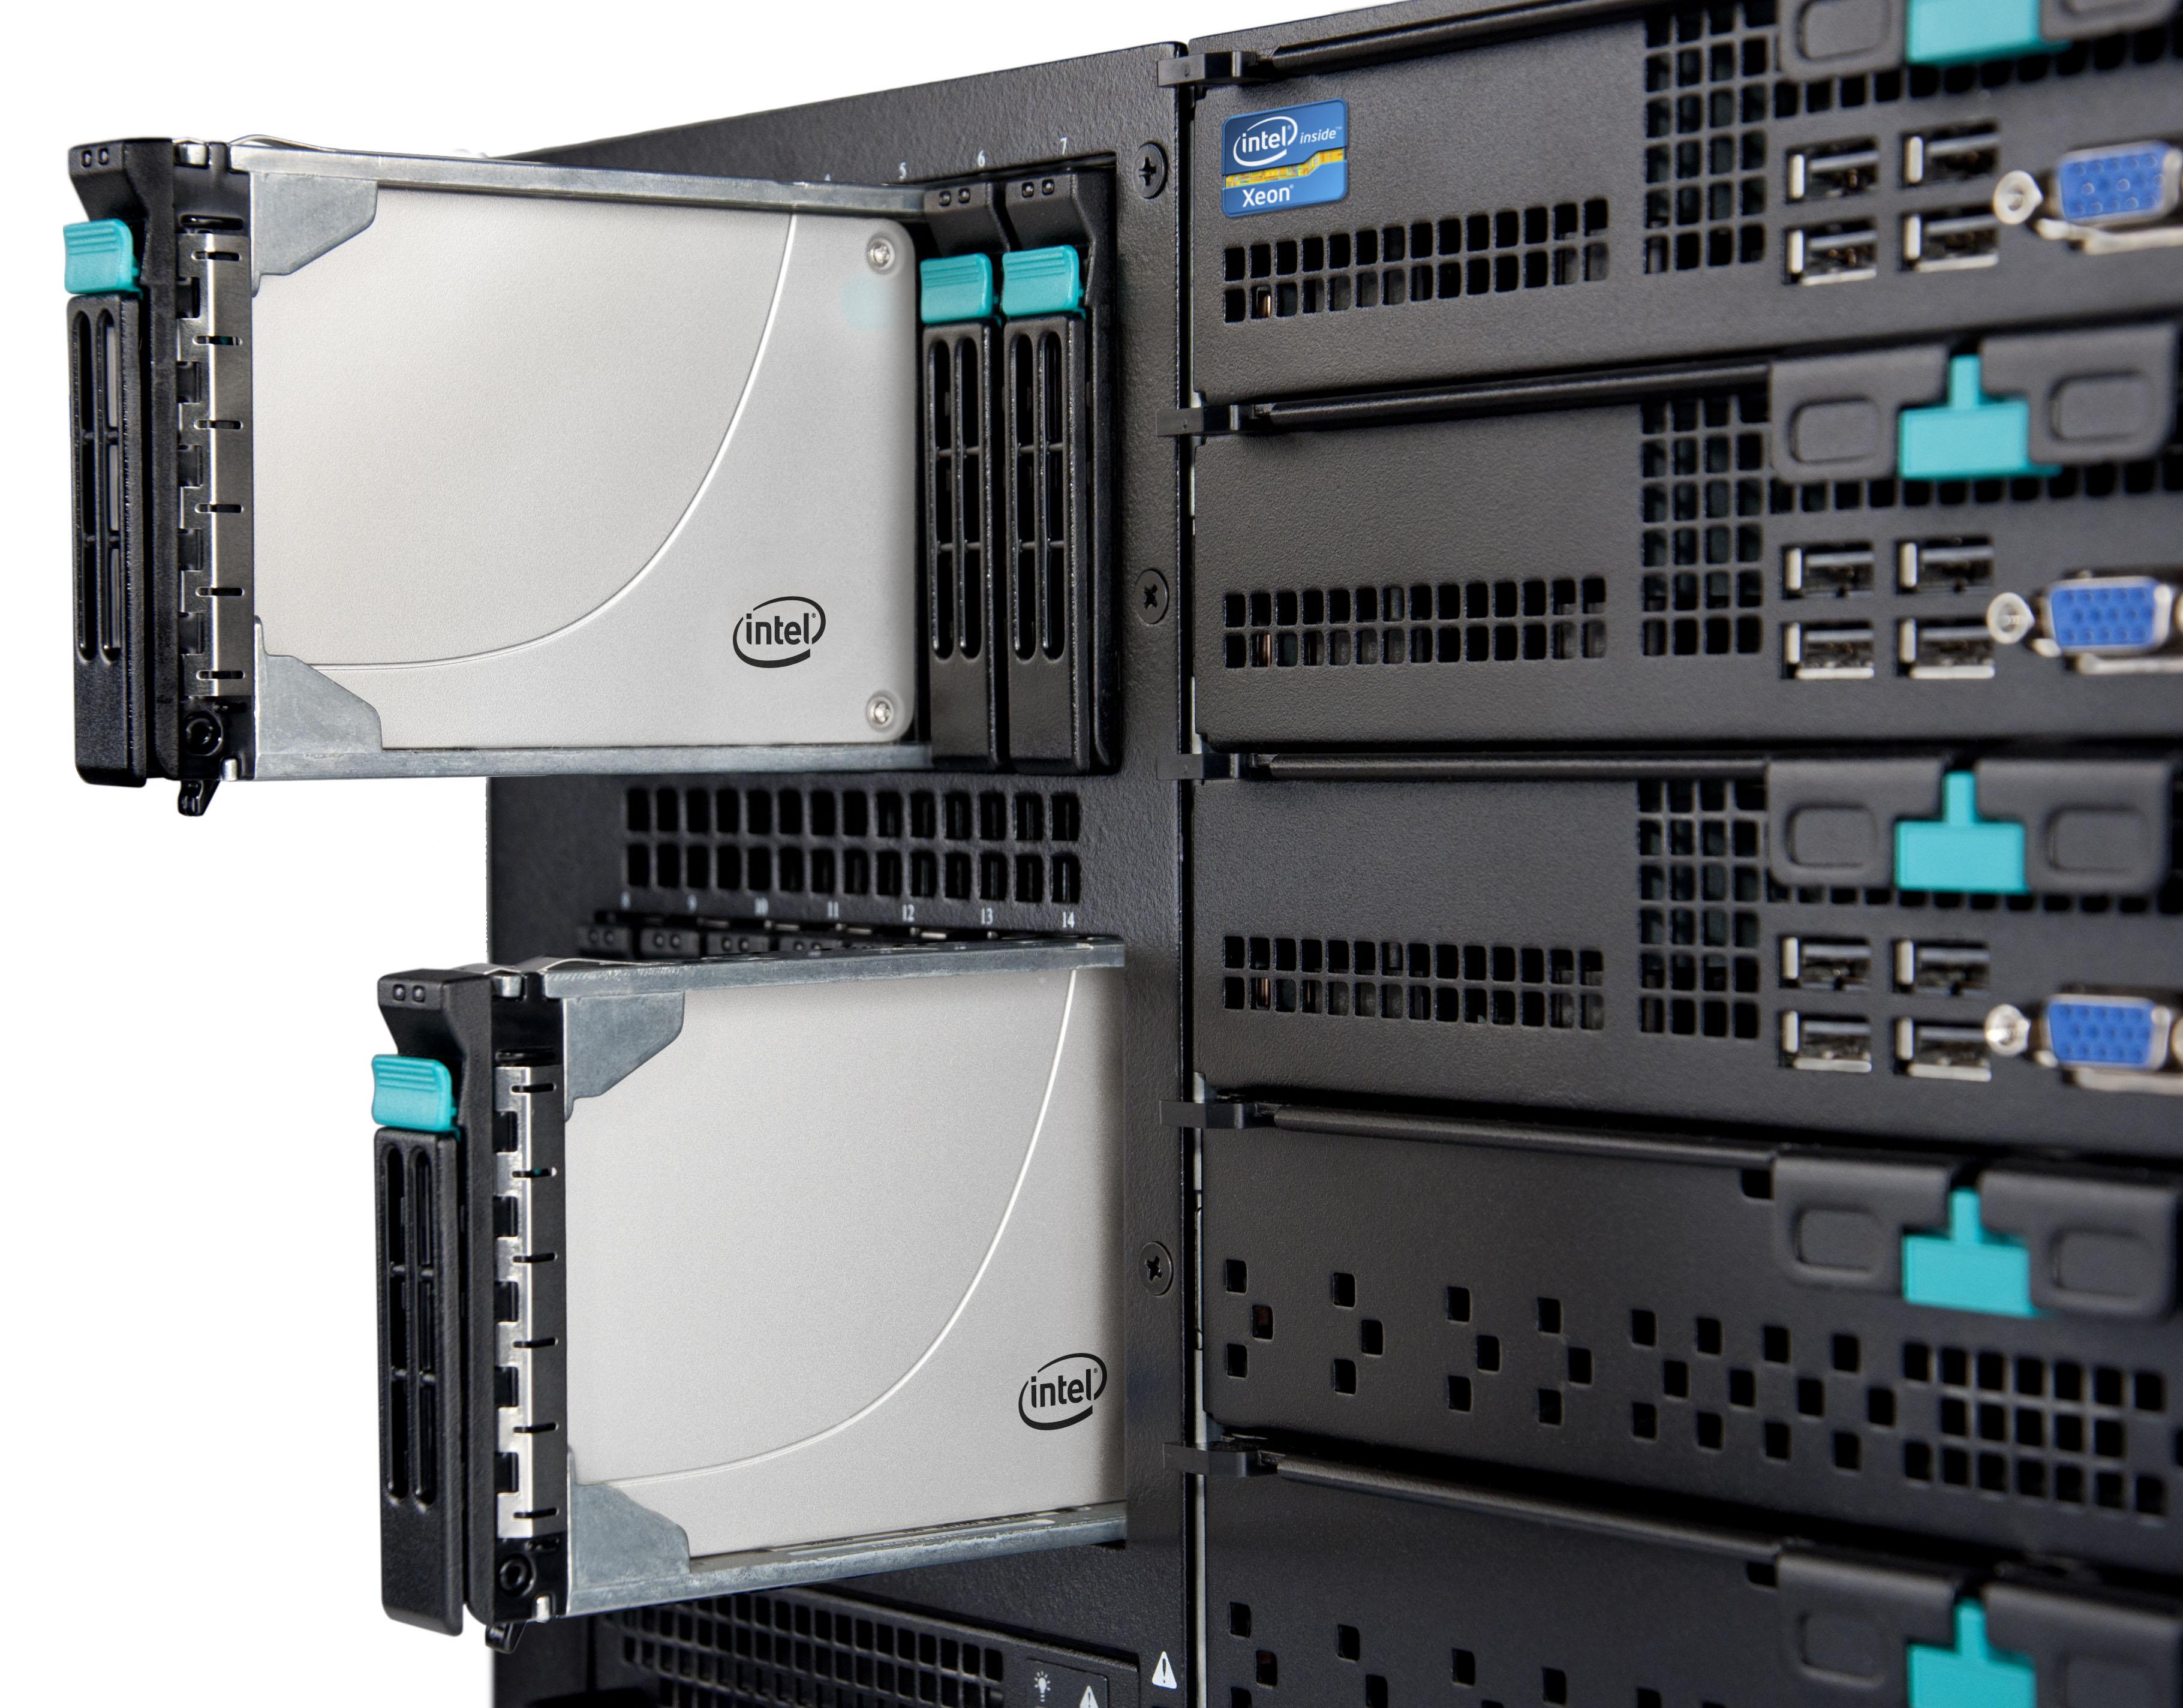 2 Intel SSD 710 drives server app.jpg